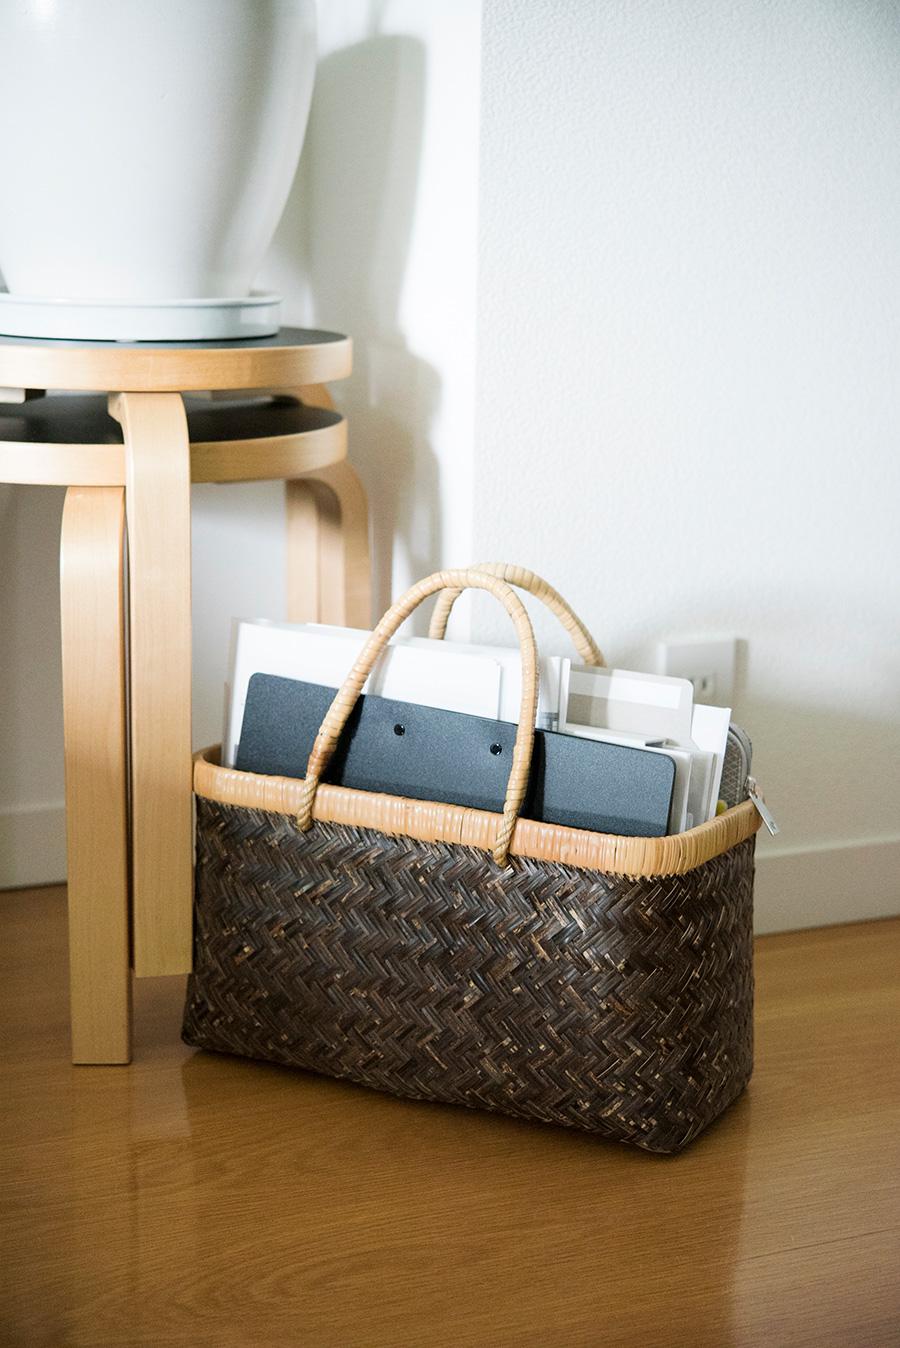 丈夫な市場かごを書類ケースに。かごはそのまま持ち運び、移動することができて便利なアイテム。